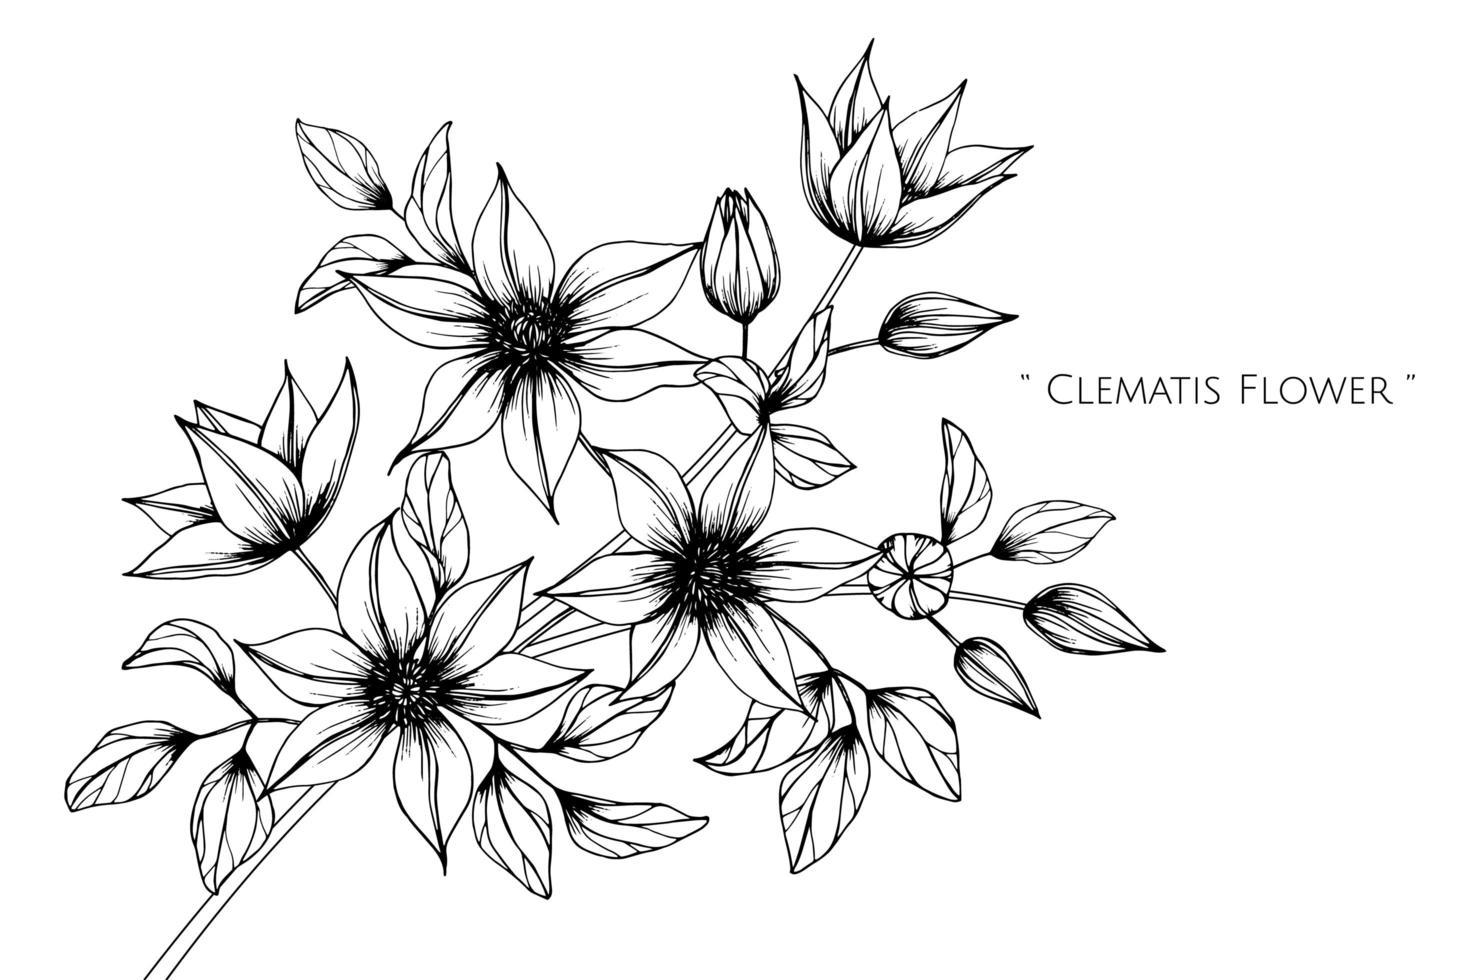 mão desenhada clematis flor e folha design vetor